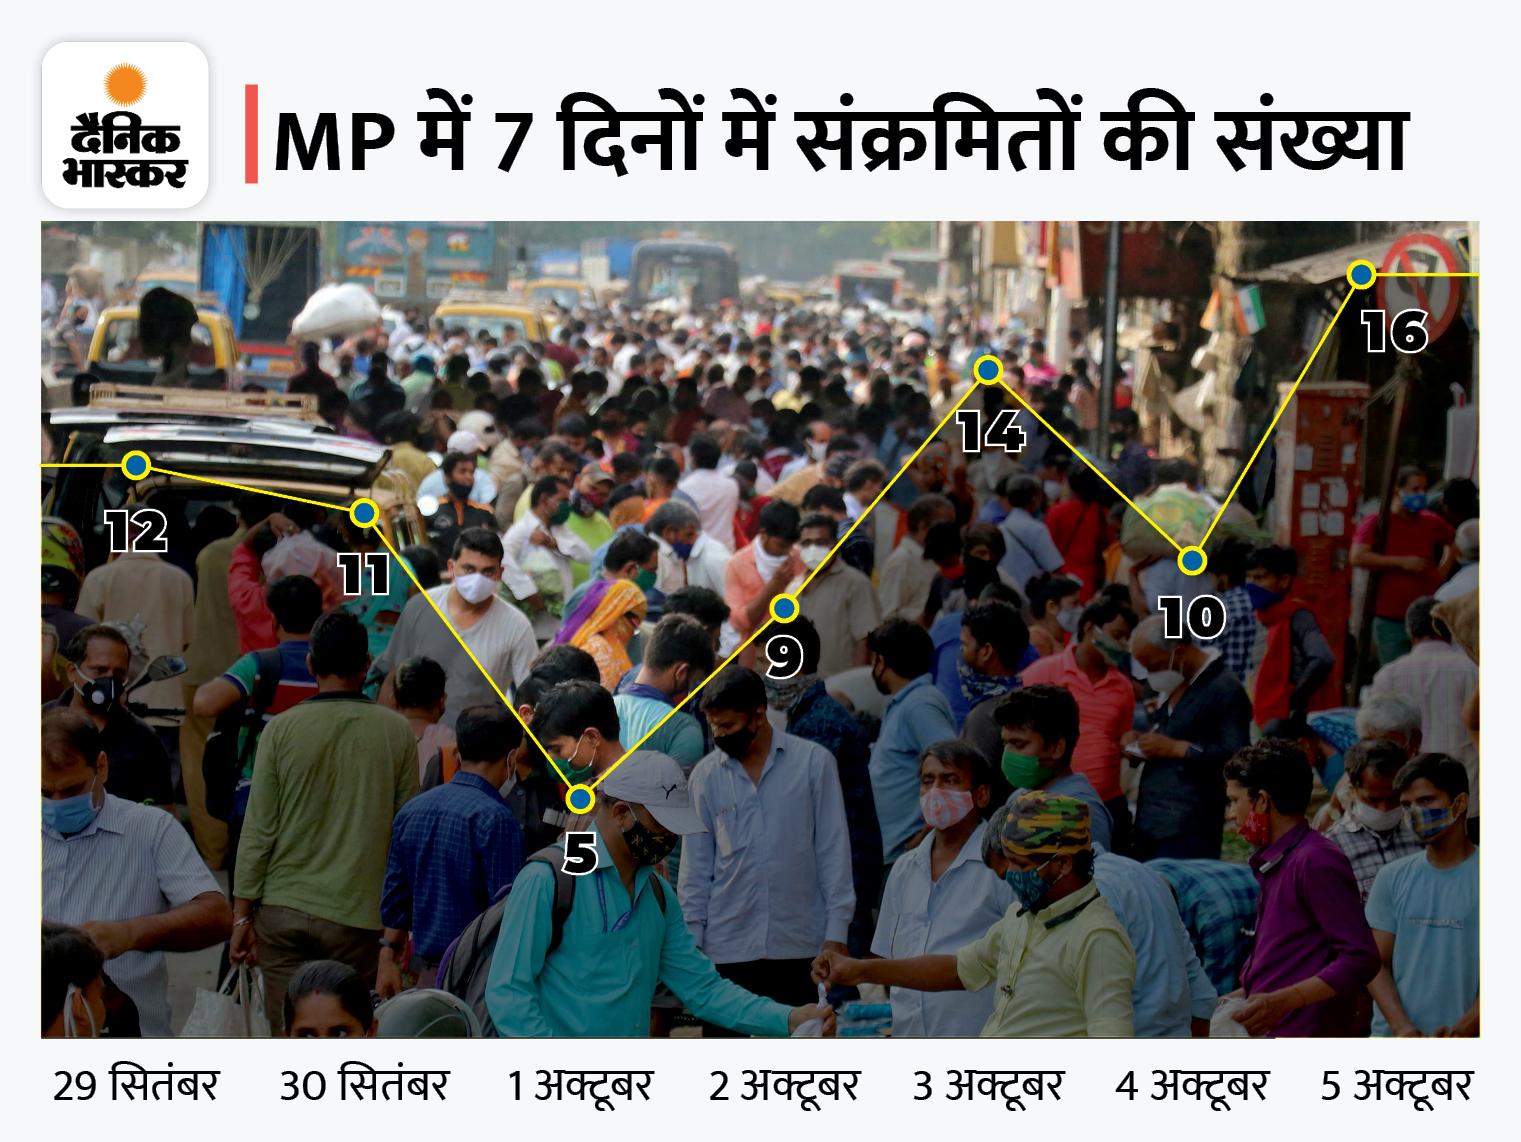 भोपाल में 3 महीने बाद 1 दिन में 11 पॉजिटिव मिले, एक बच्चा भी शामिल; इंदौर में 3 और जबलपुर में 2 संक्रमित|भोपाल,Bhopal - Dainik Bhaskar